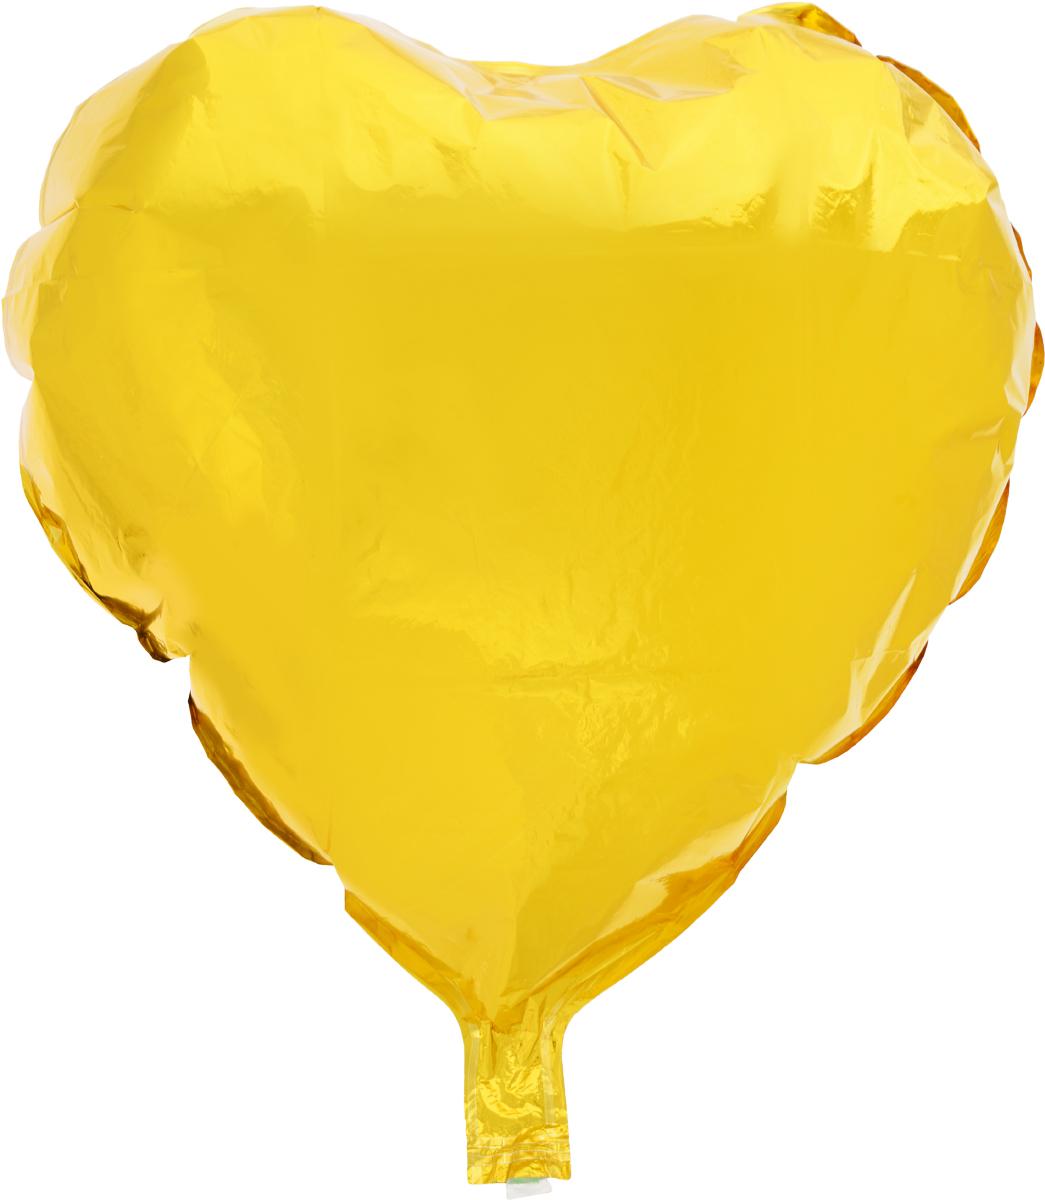 Sima-land Воздушный шарик Сердце 18 цвет желтый -  Воздушные шарики